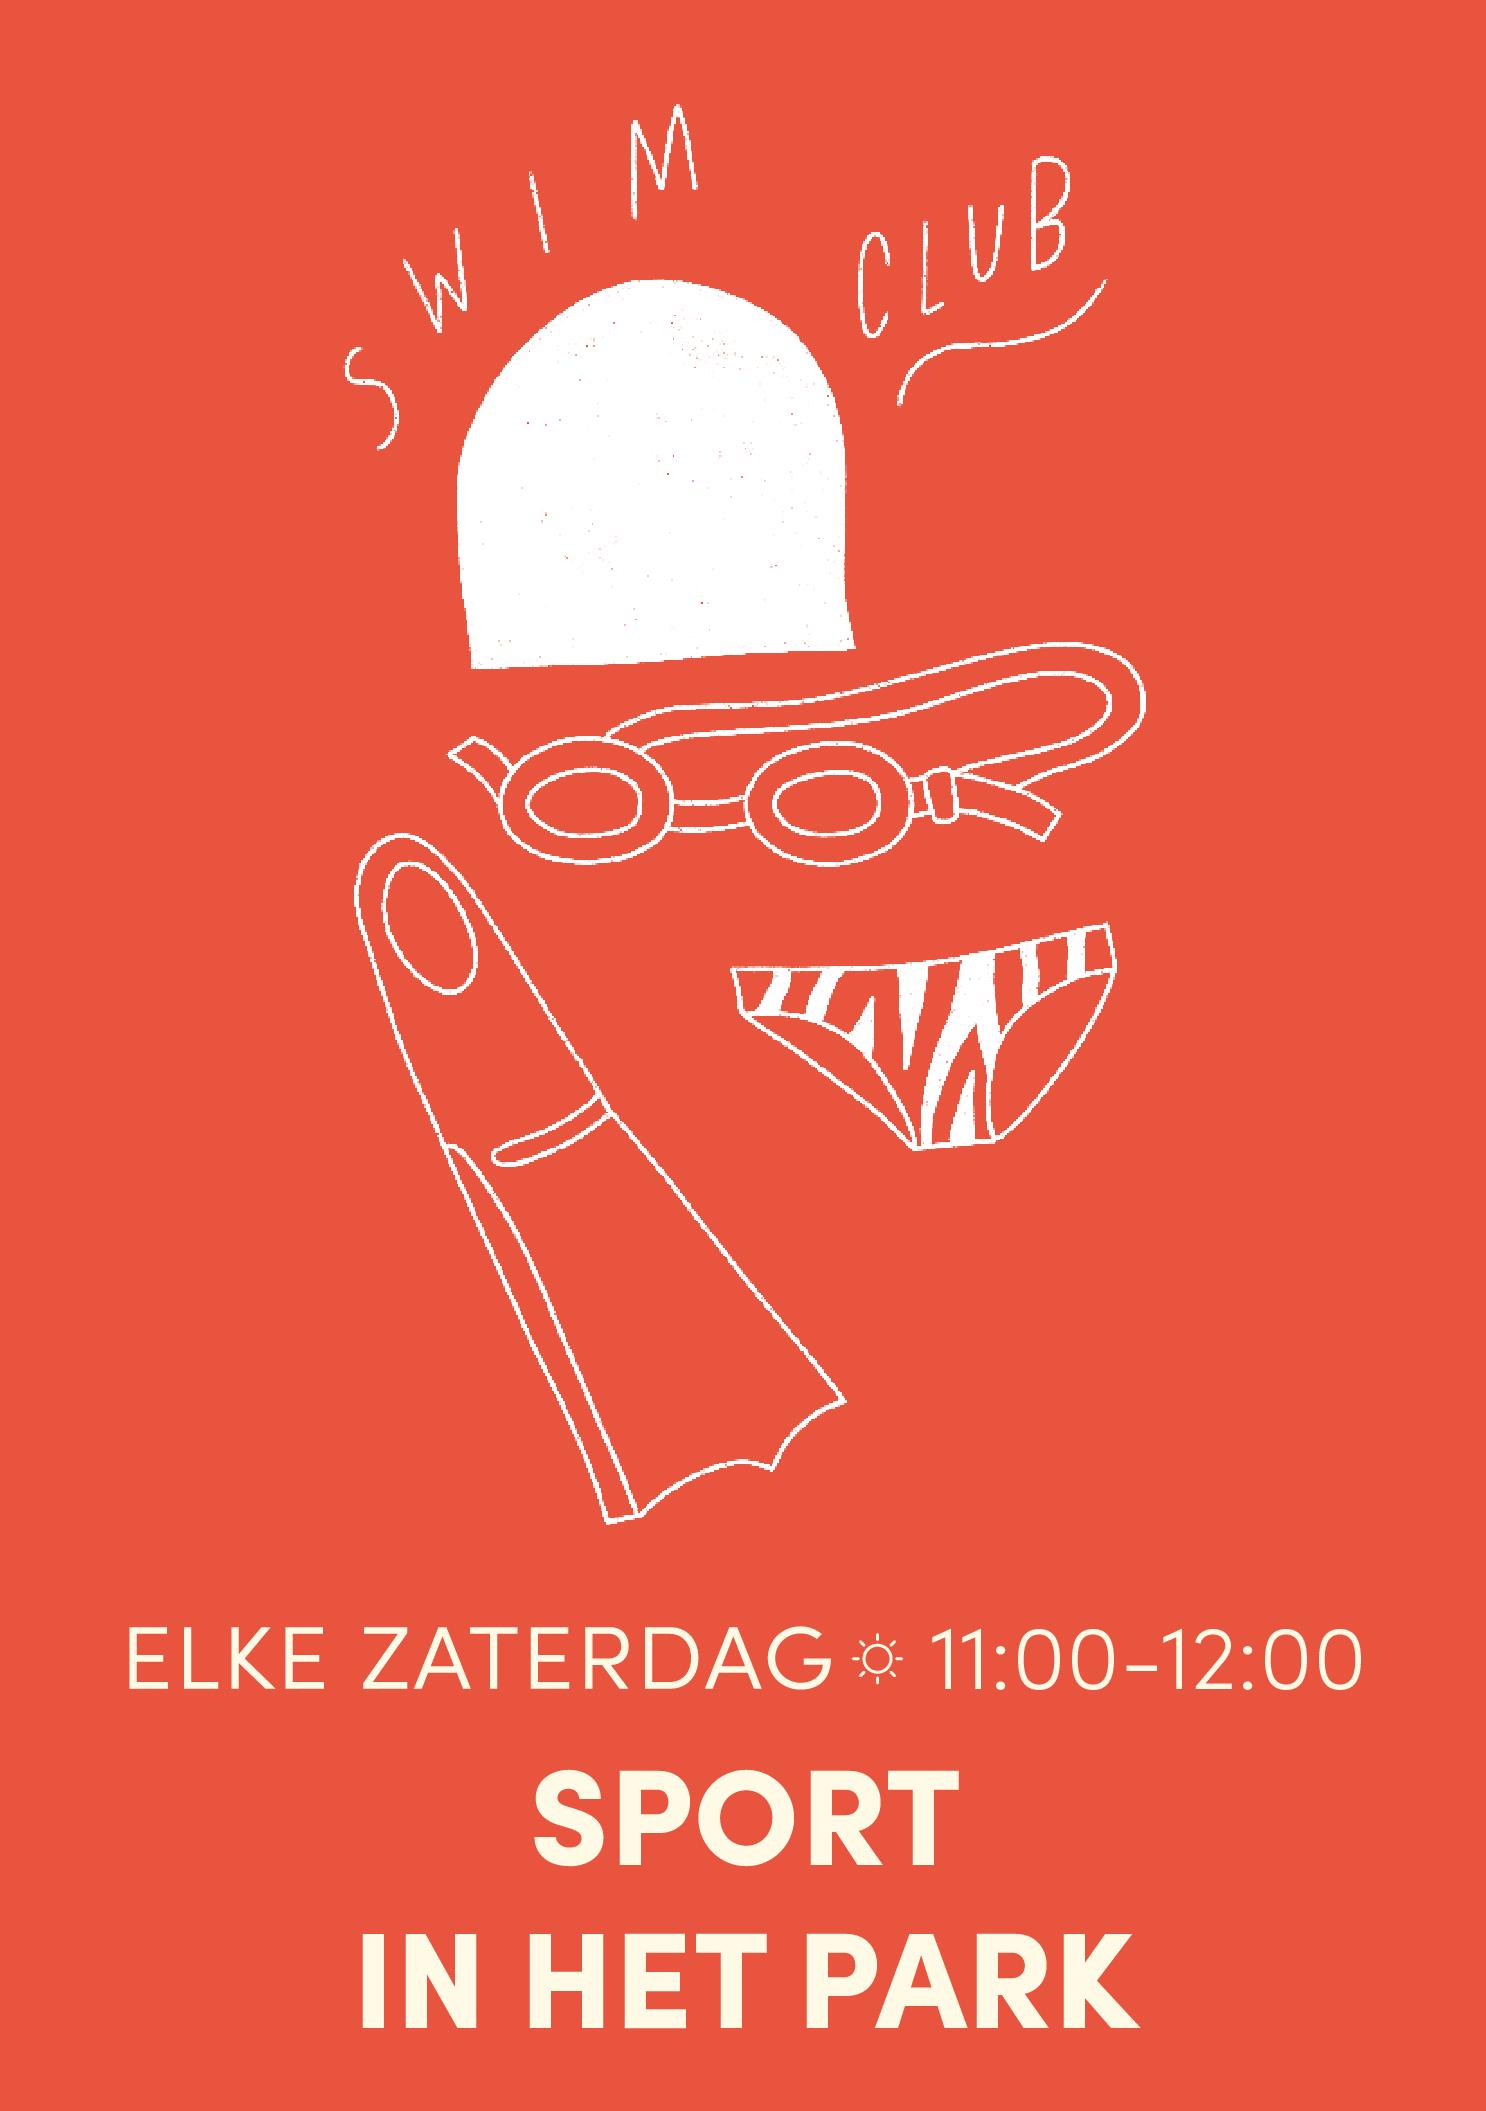 ELKE ZATERDAG:  SPORT IN HET PARK